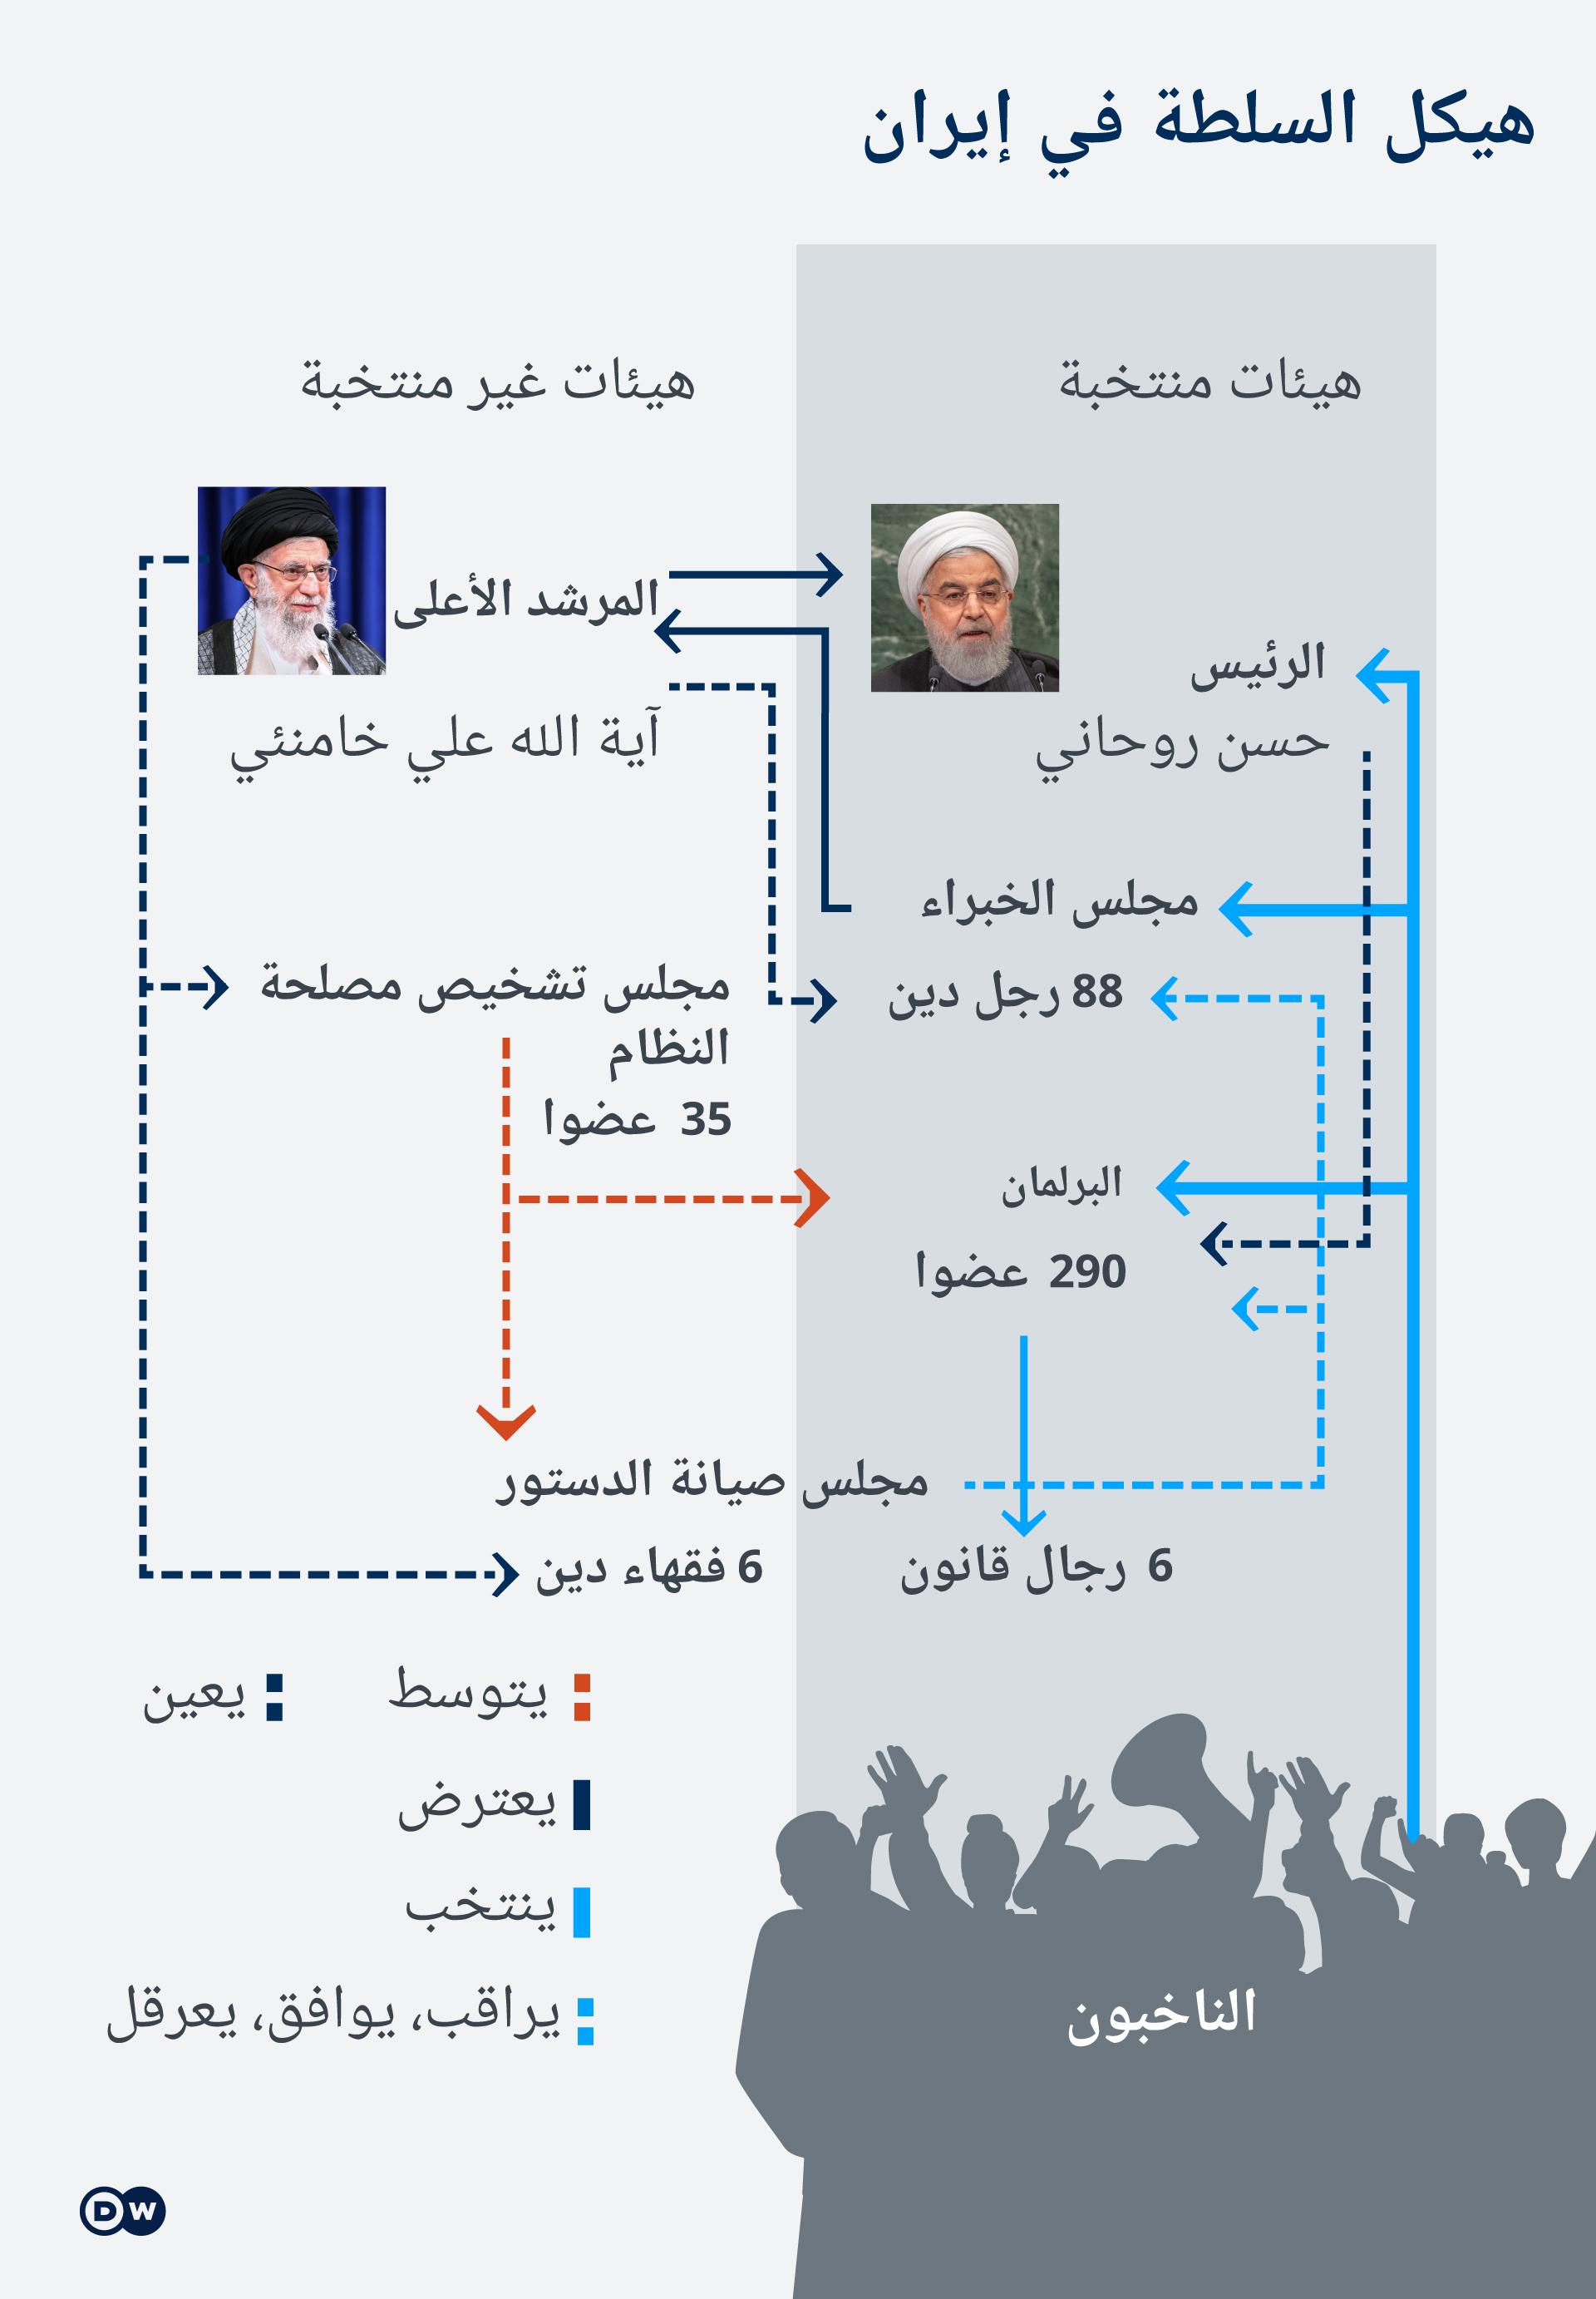 هيكلية السلطة في إيران